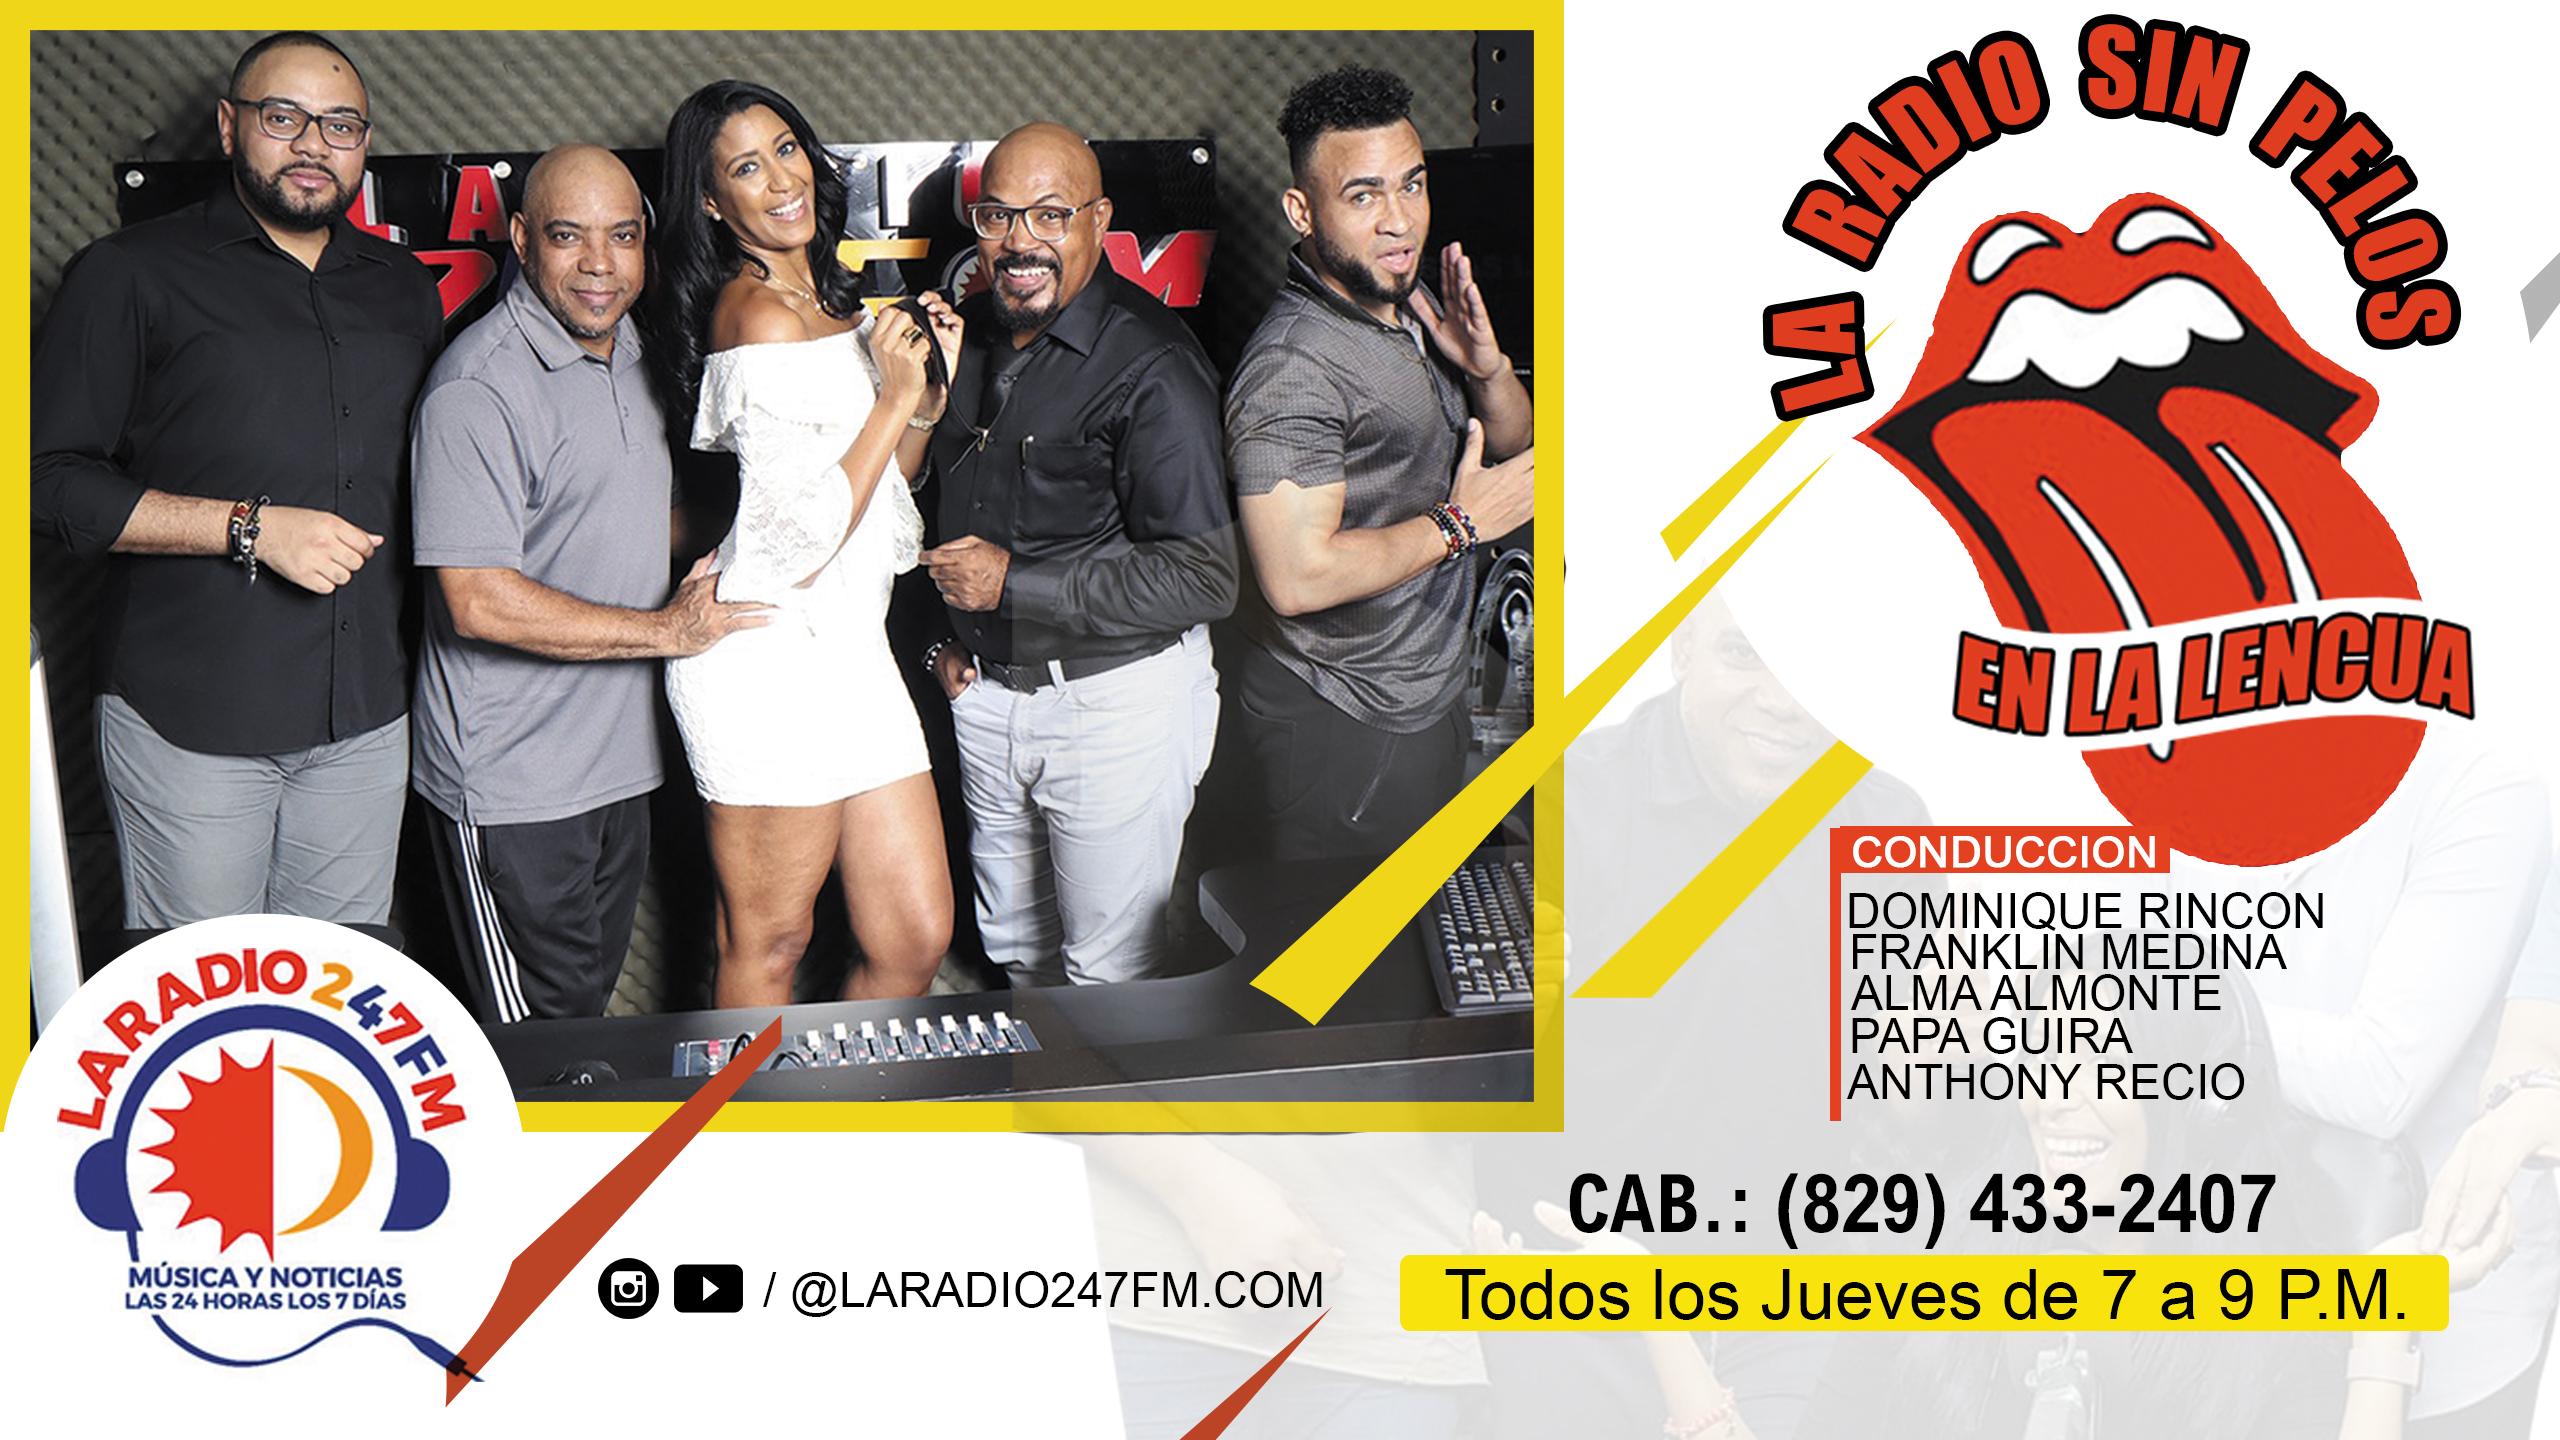 LARADIO SIN PELOS EN LA LENGUA BLOQUE 1 NAVIDAD #laradio247fm